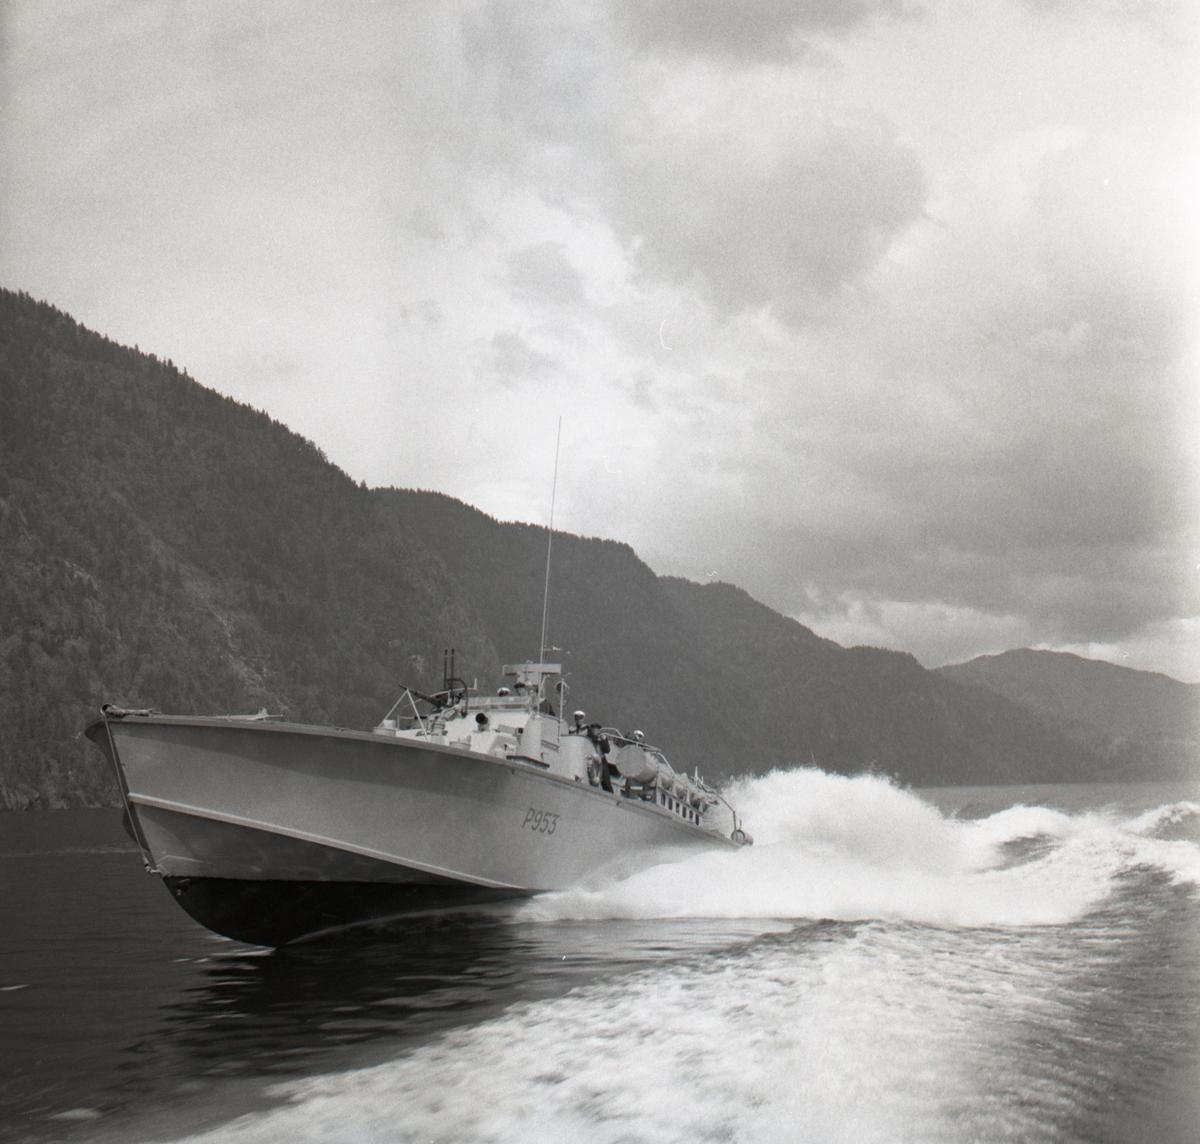 Samlefoto: Elco-klasse MTB-er gjennom Bandak-kanalen i juli 1953. Full fart.